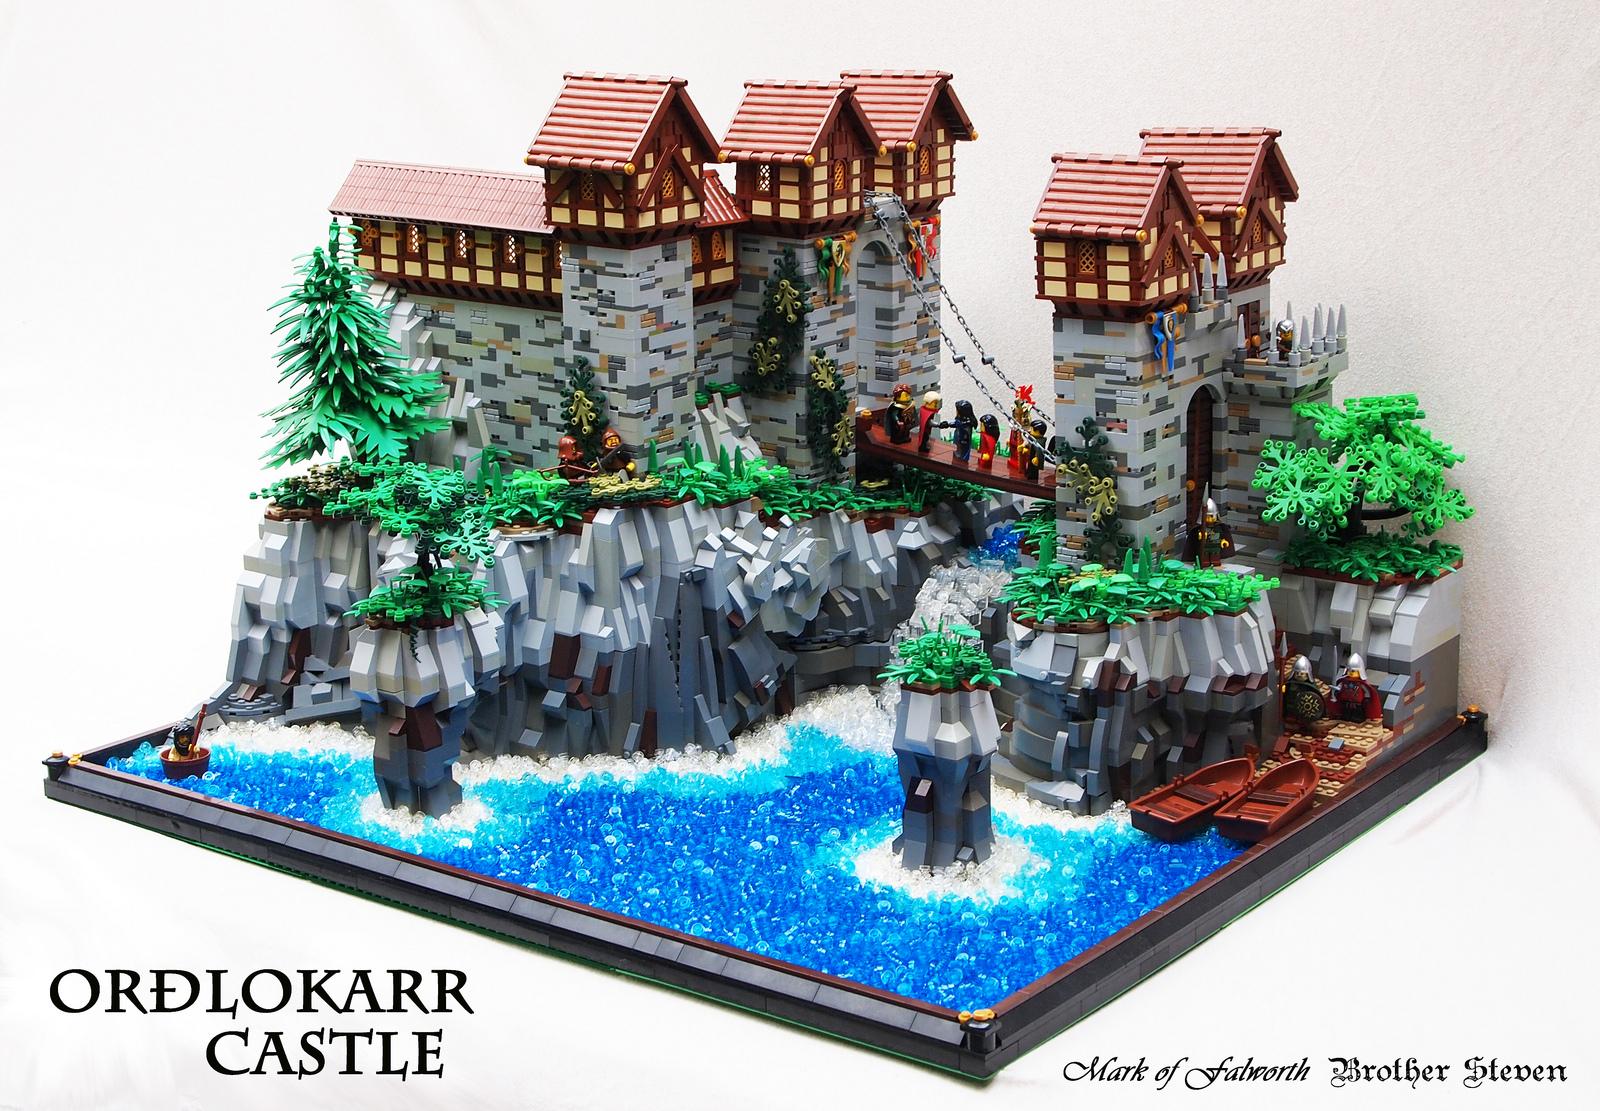 Orðlokarr Castle